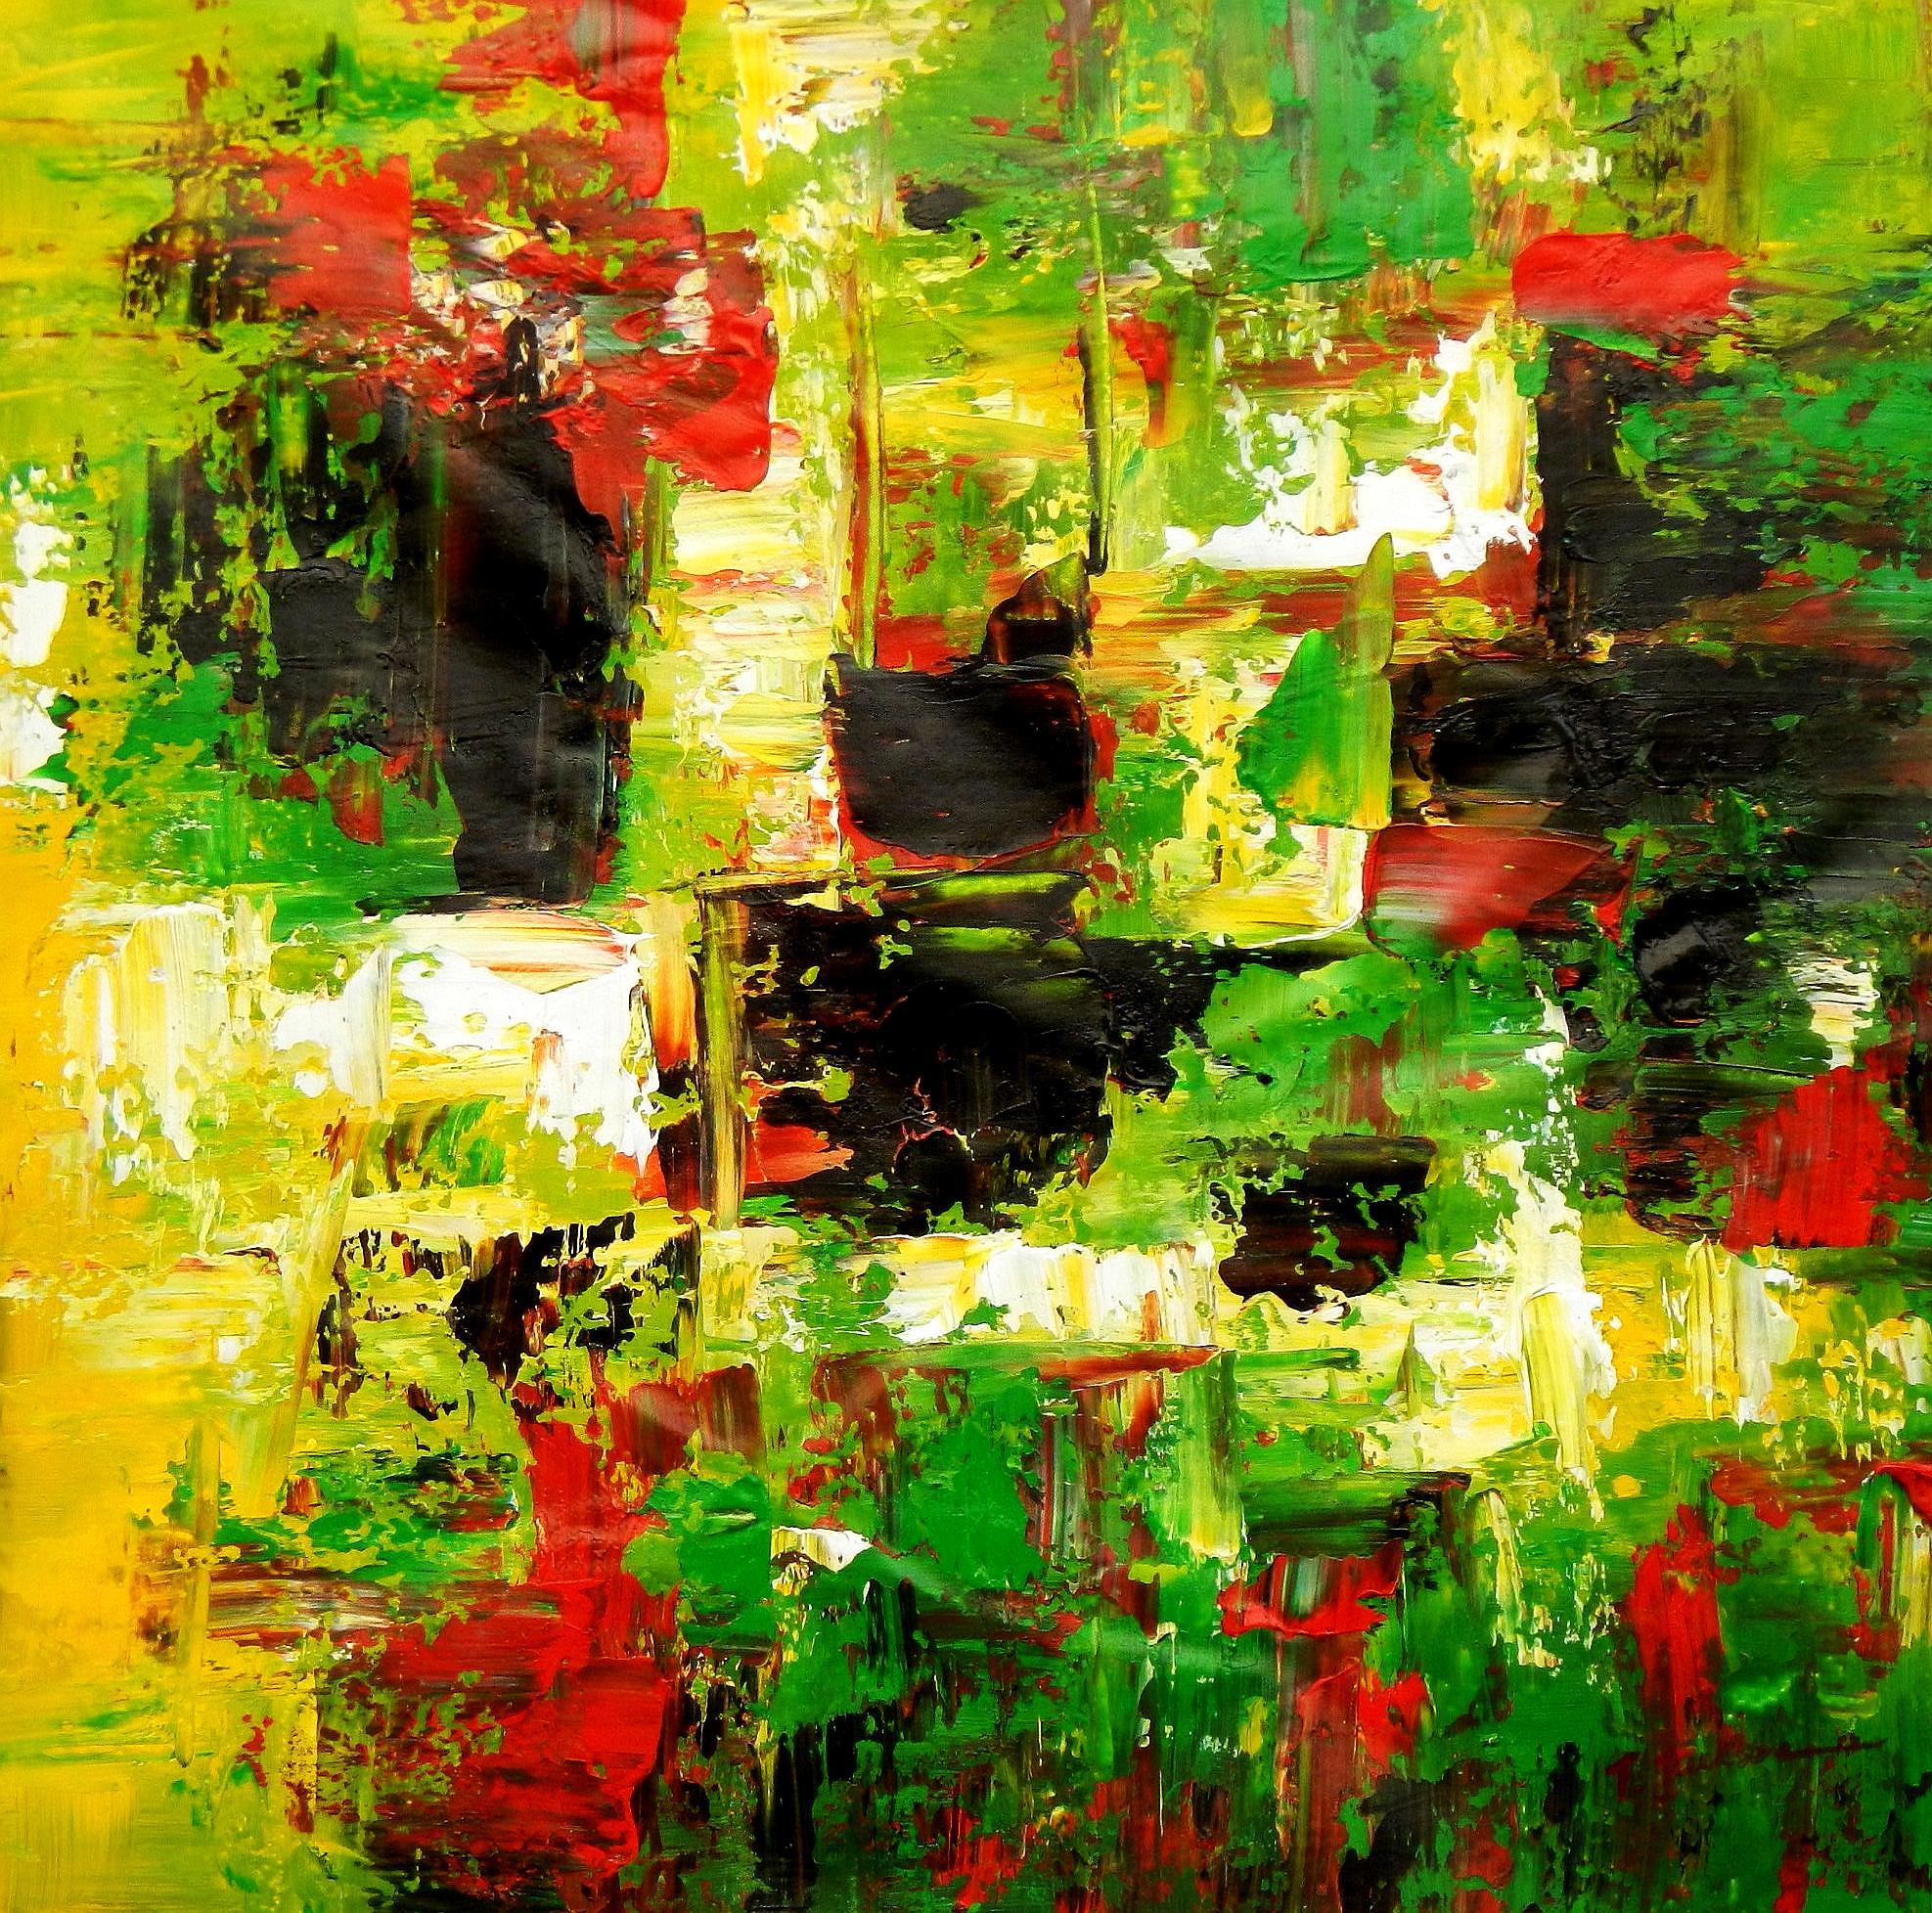 Abstrakt - Berlin Tiergarten g94656 80x80cm Ölgemälde handgemalt